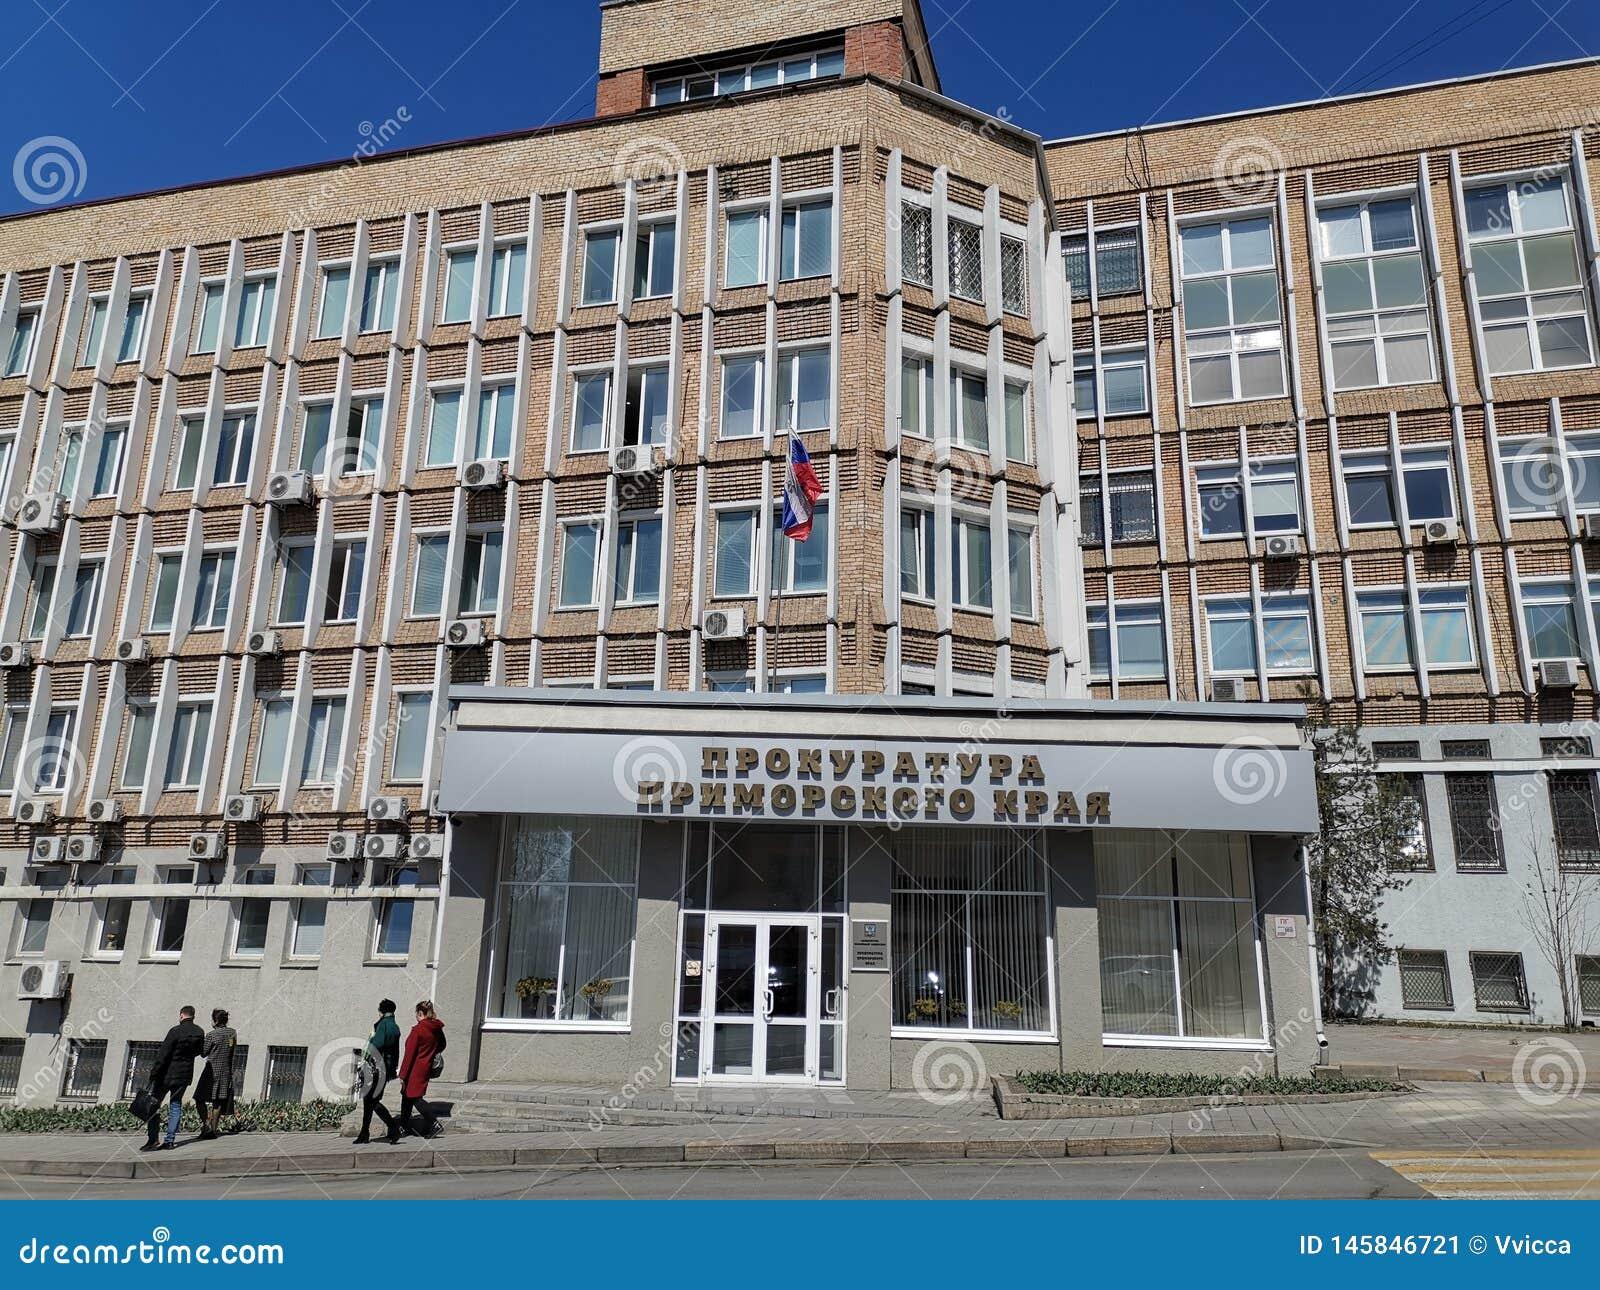 Paysage urbain avec le b?timent du bureau de procureur de Primorsky Krai sur la rue de Fontannaya